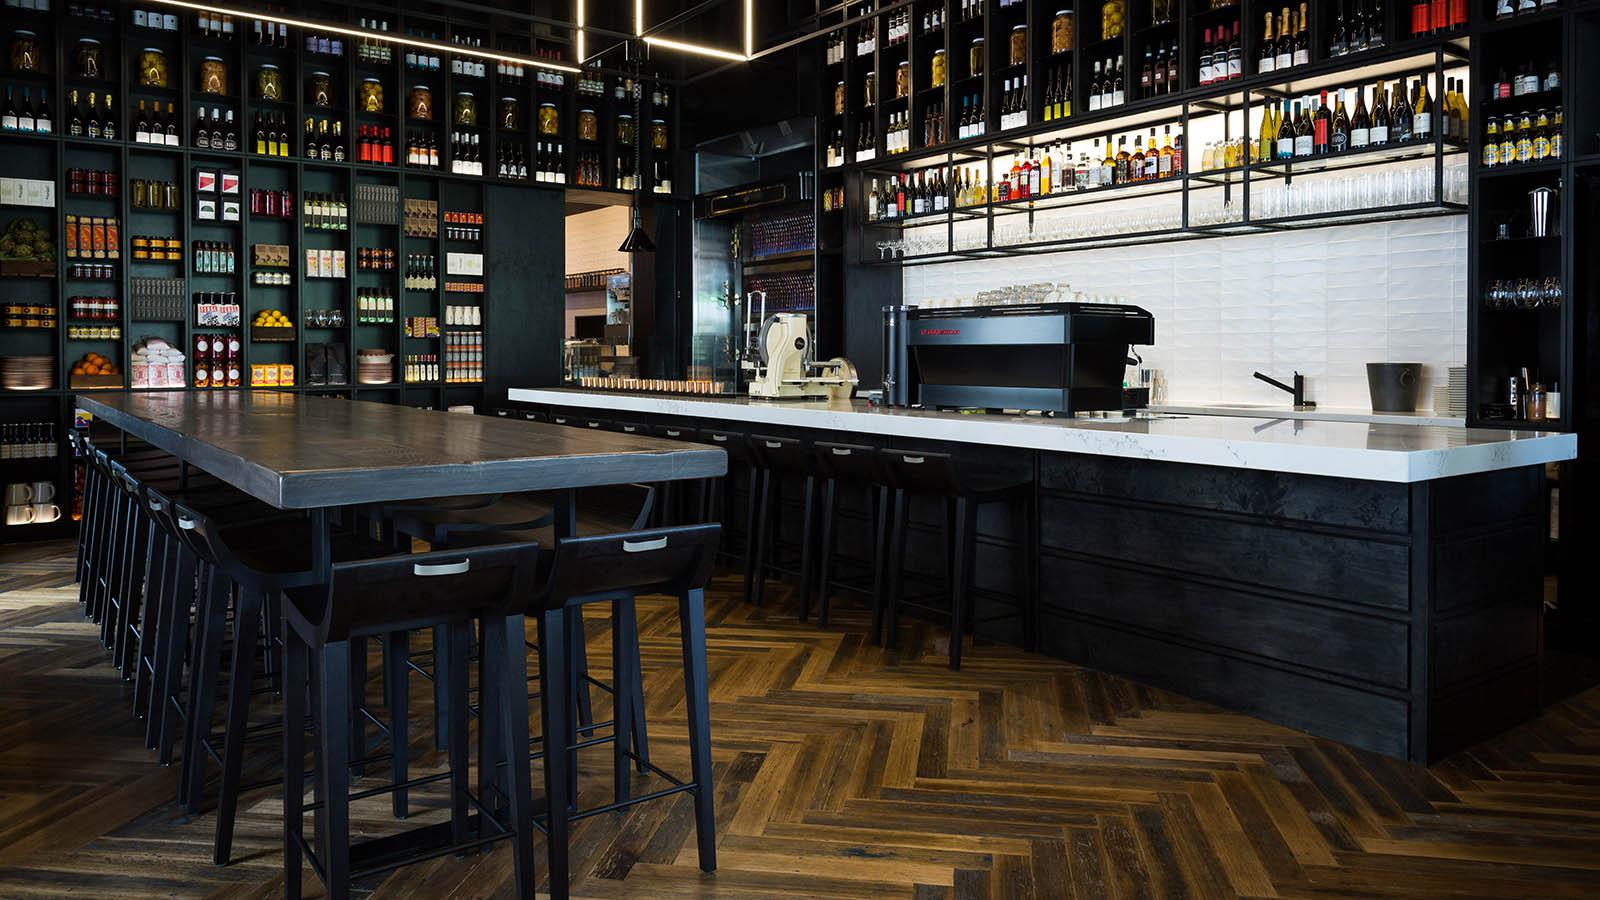 Picketts Deli & Rotisserie, Melbourne, Victoria, Australia